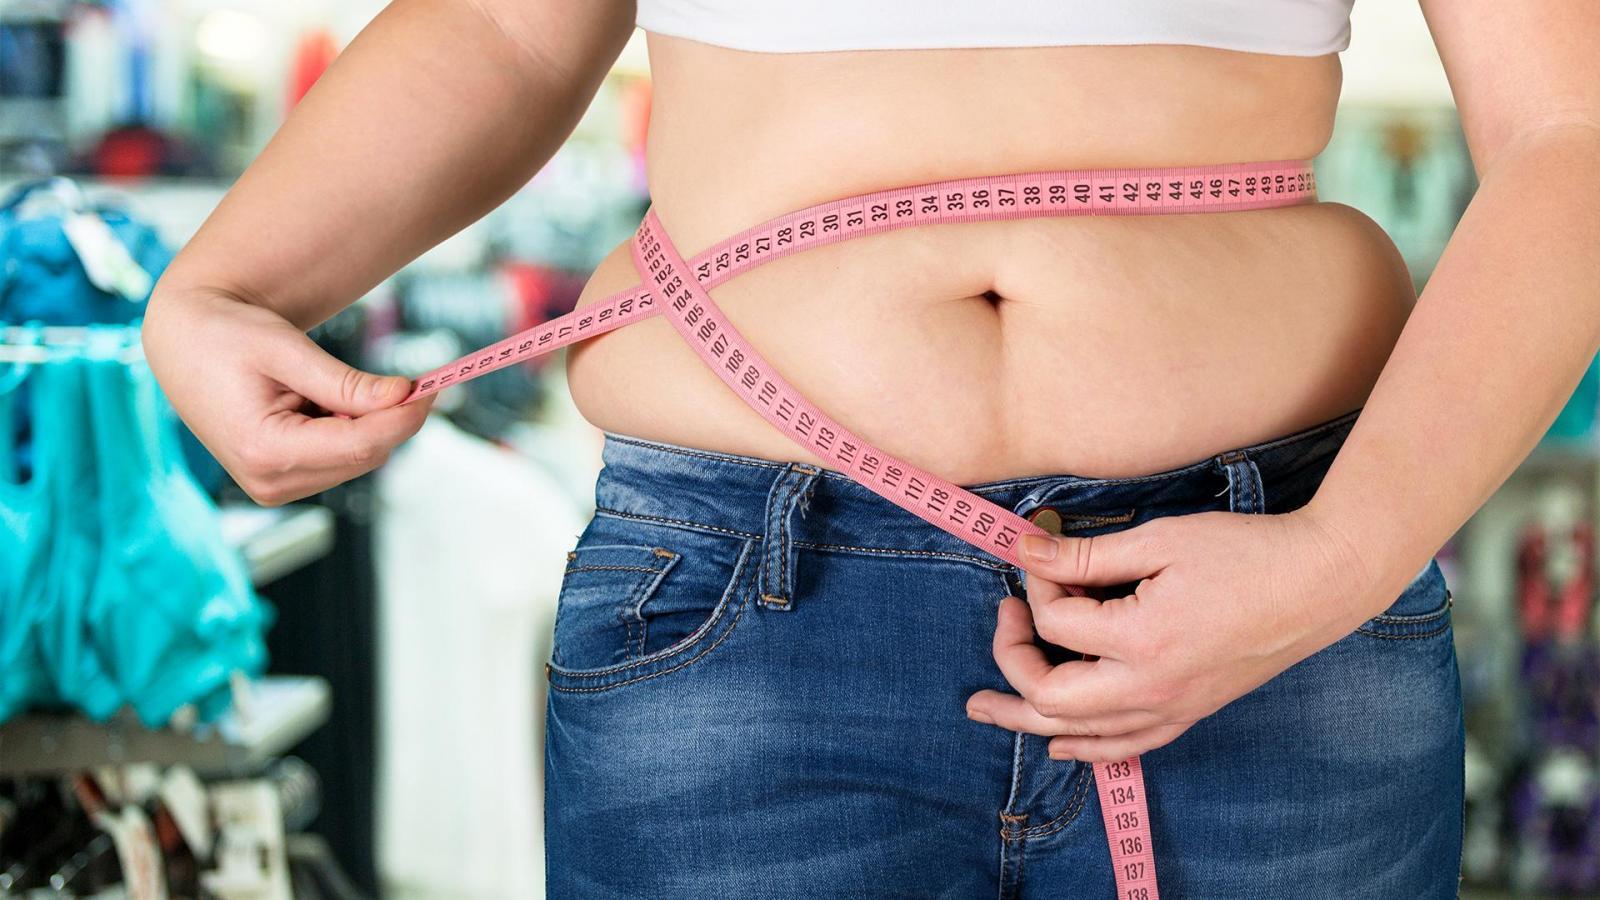 Пандемия COVID-19 грозит переходом в эпидемию ожирения